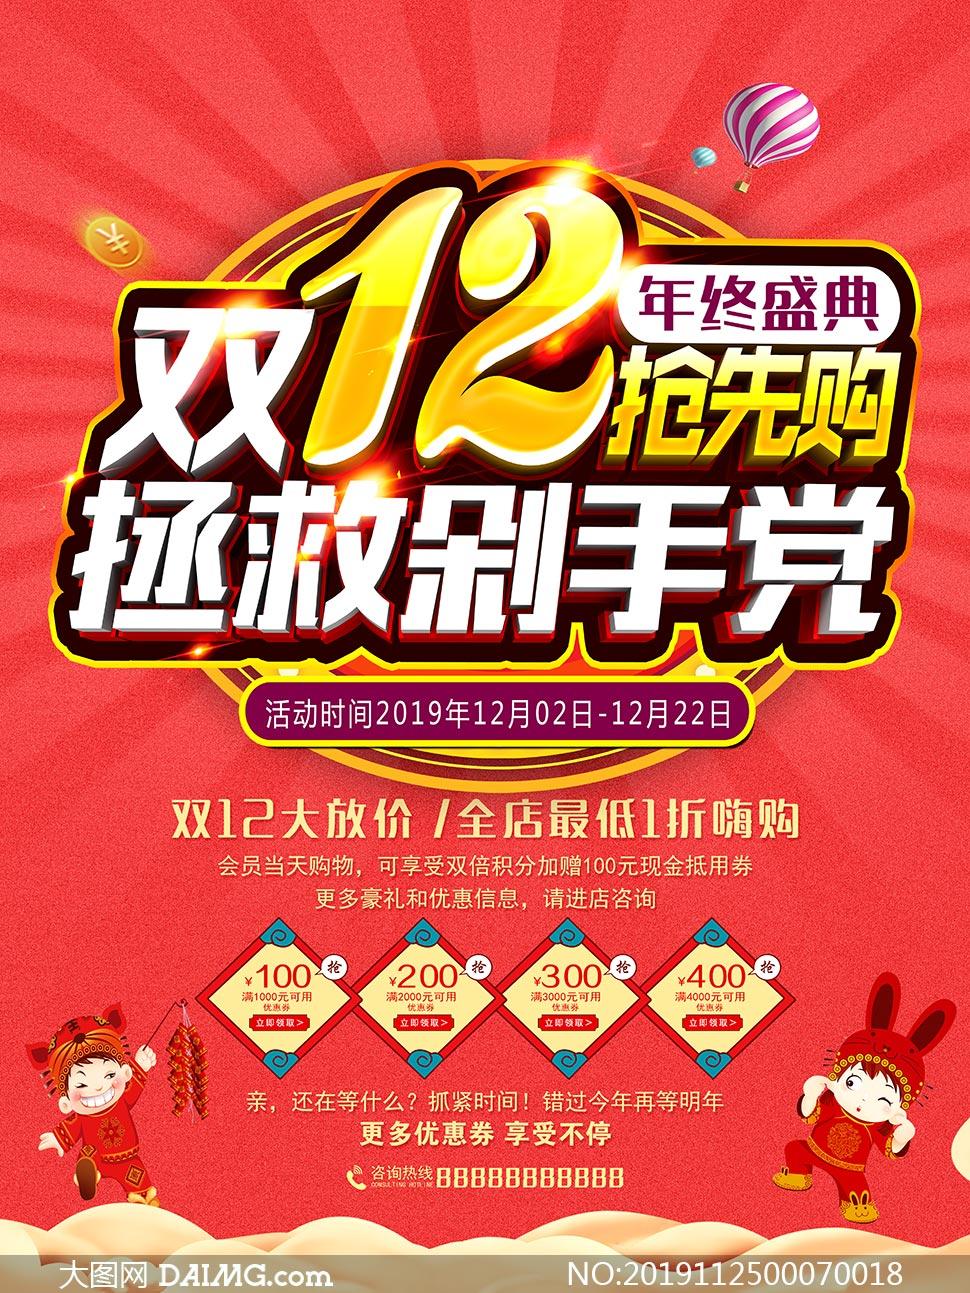 商场双12抢先购促销海报设计PSD素材